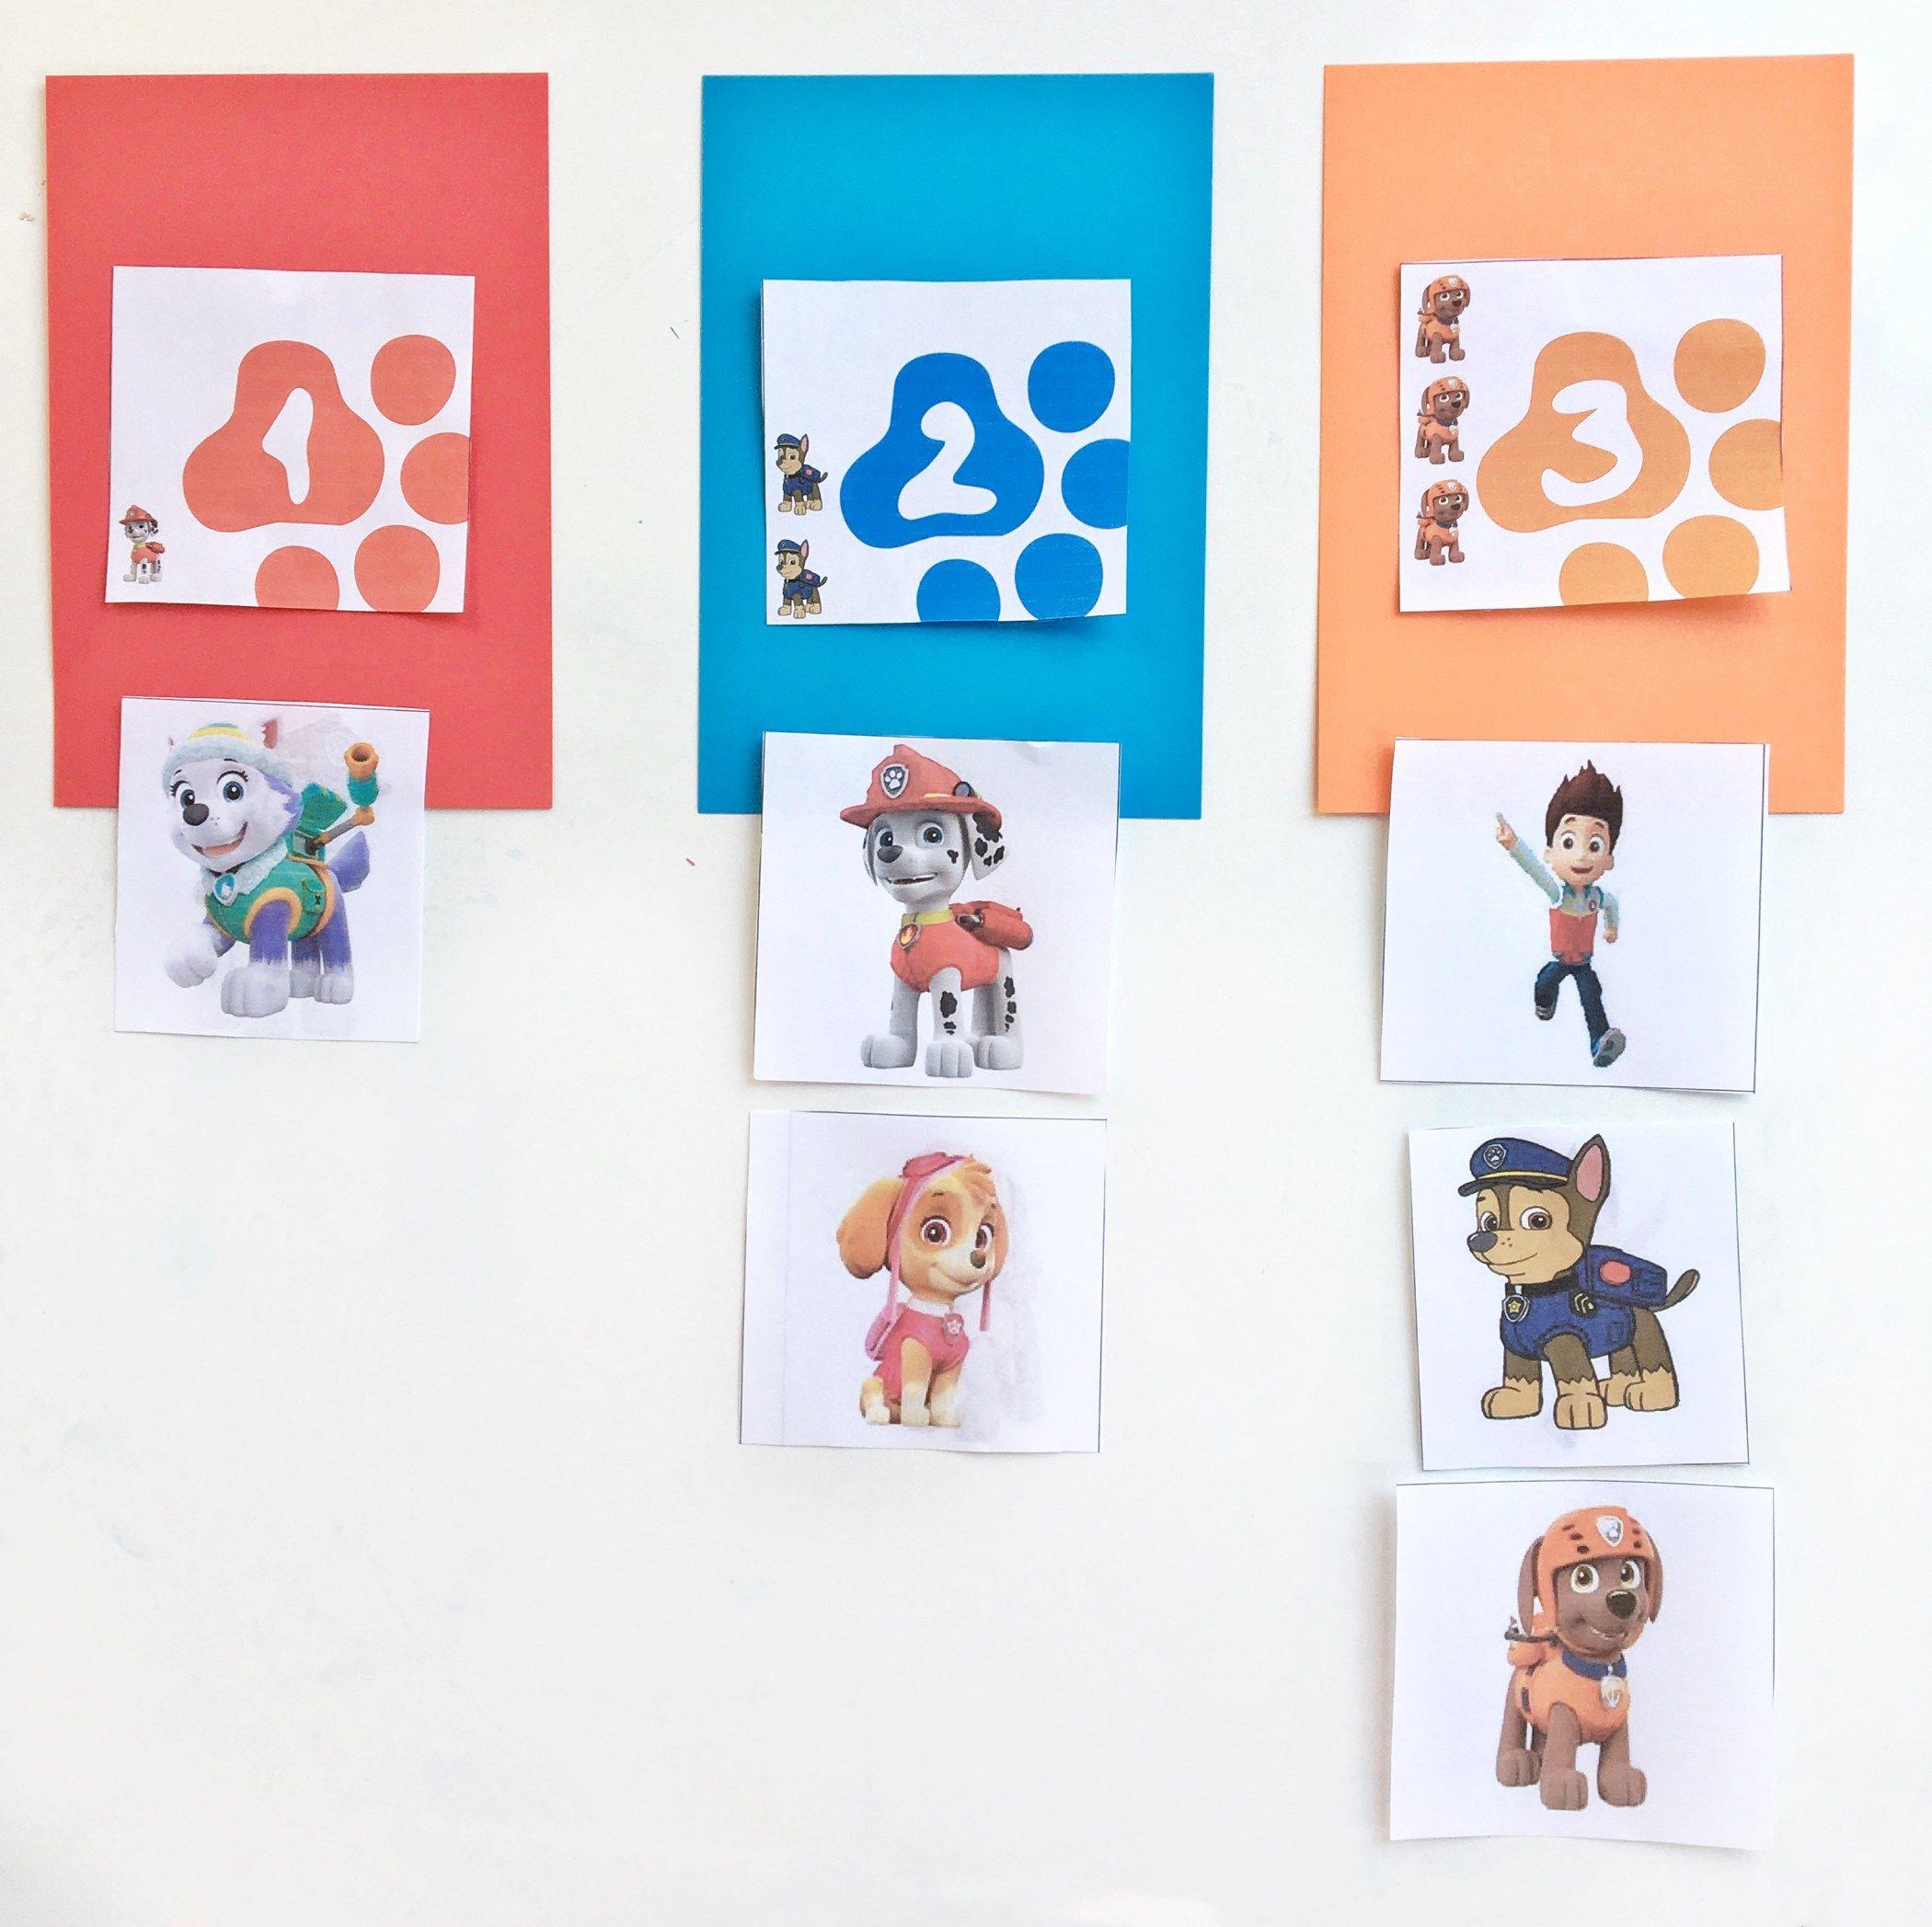 Bluehost Com Preschool Activities Toddler Activities Toddler Learning Activities [ 2095 x 2100 Pixel ]